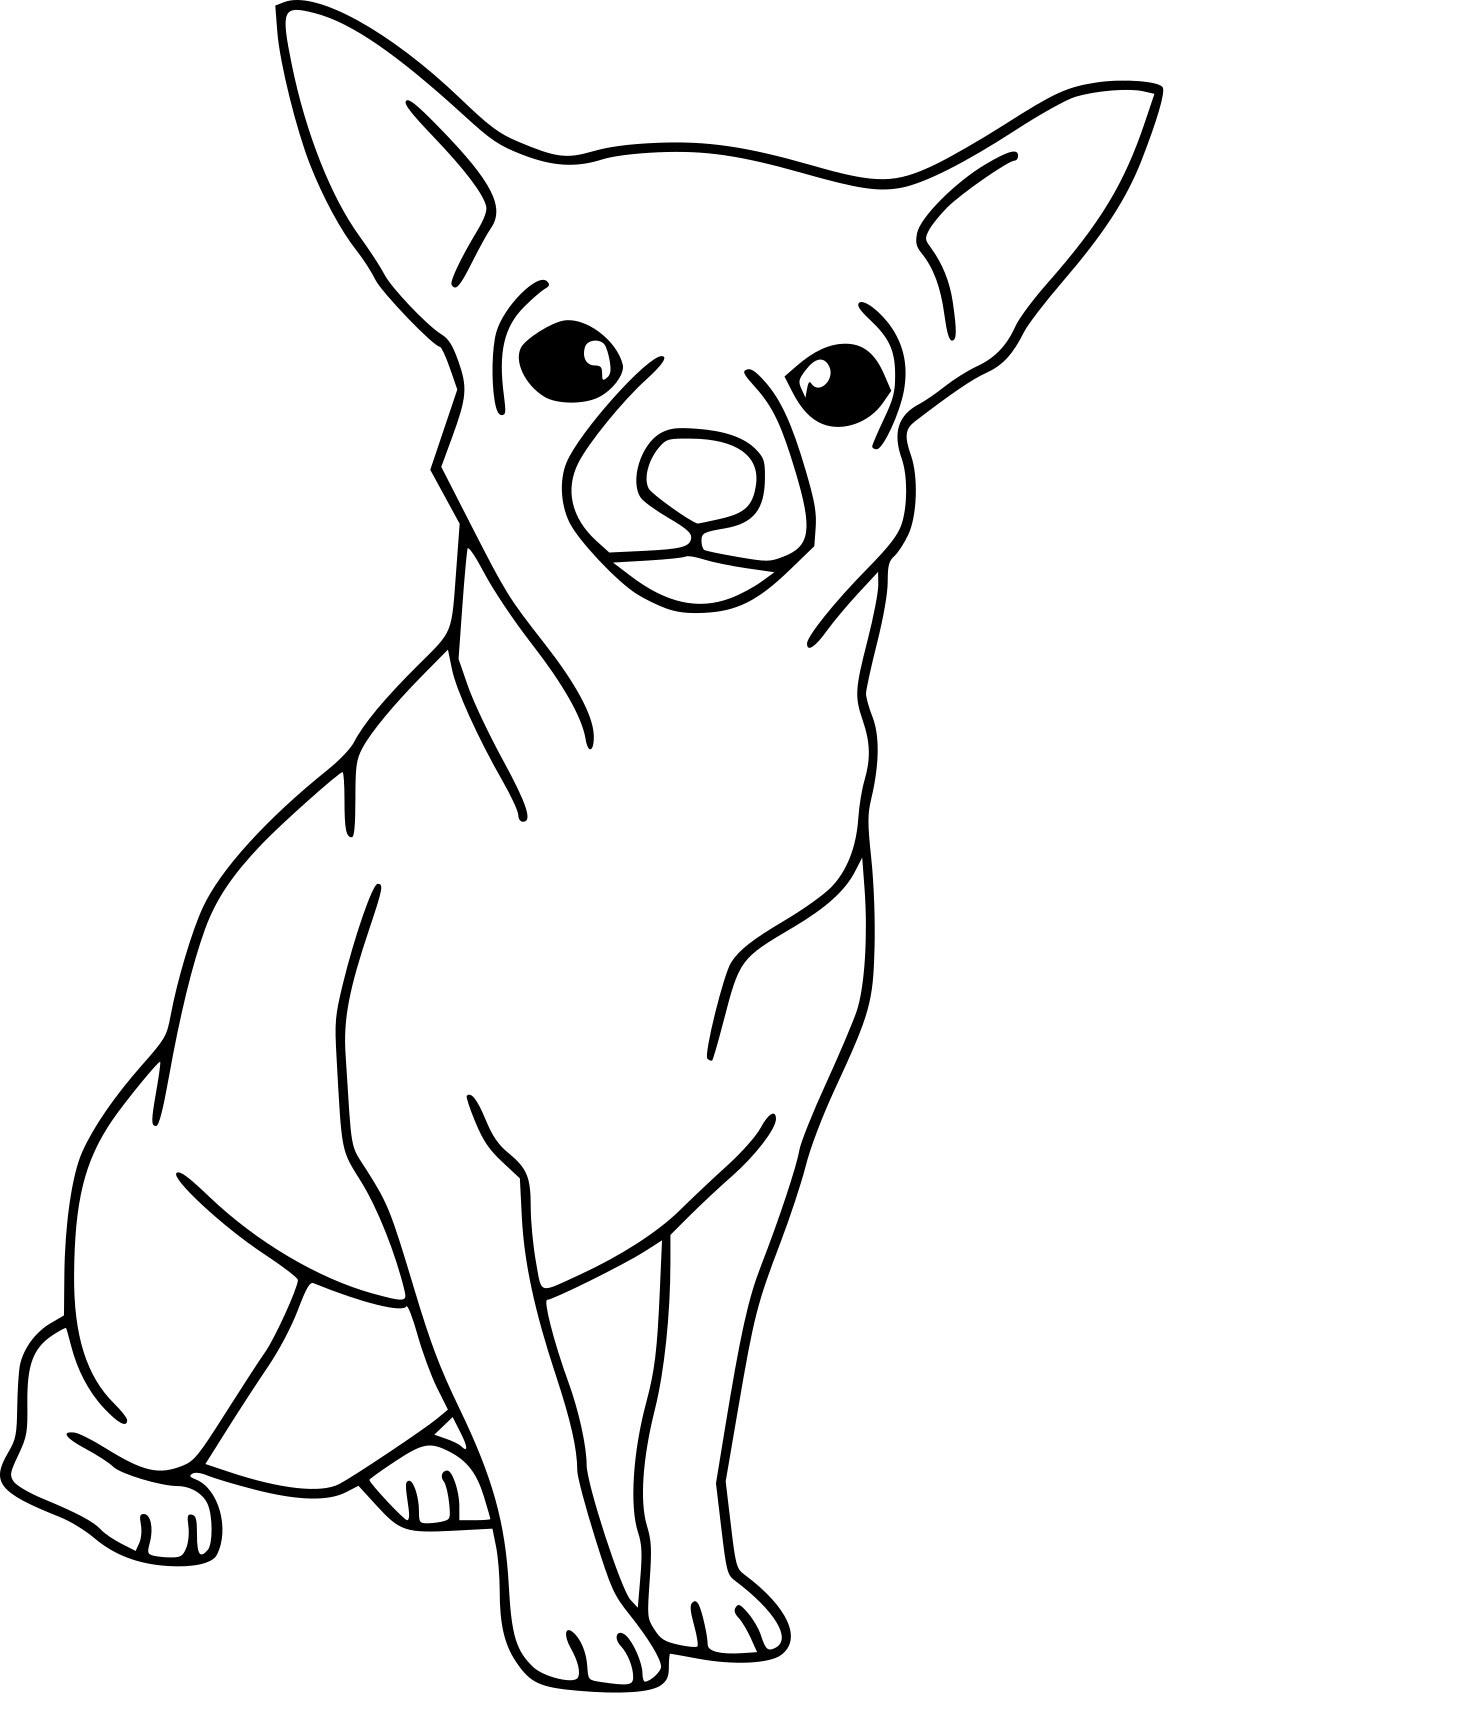 Картинки с маленькими собачками нарисованными